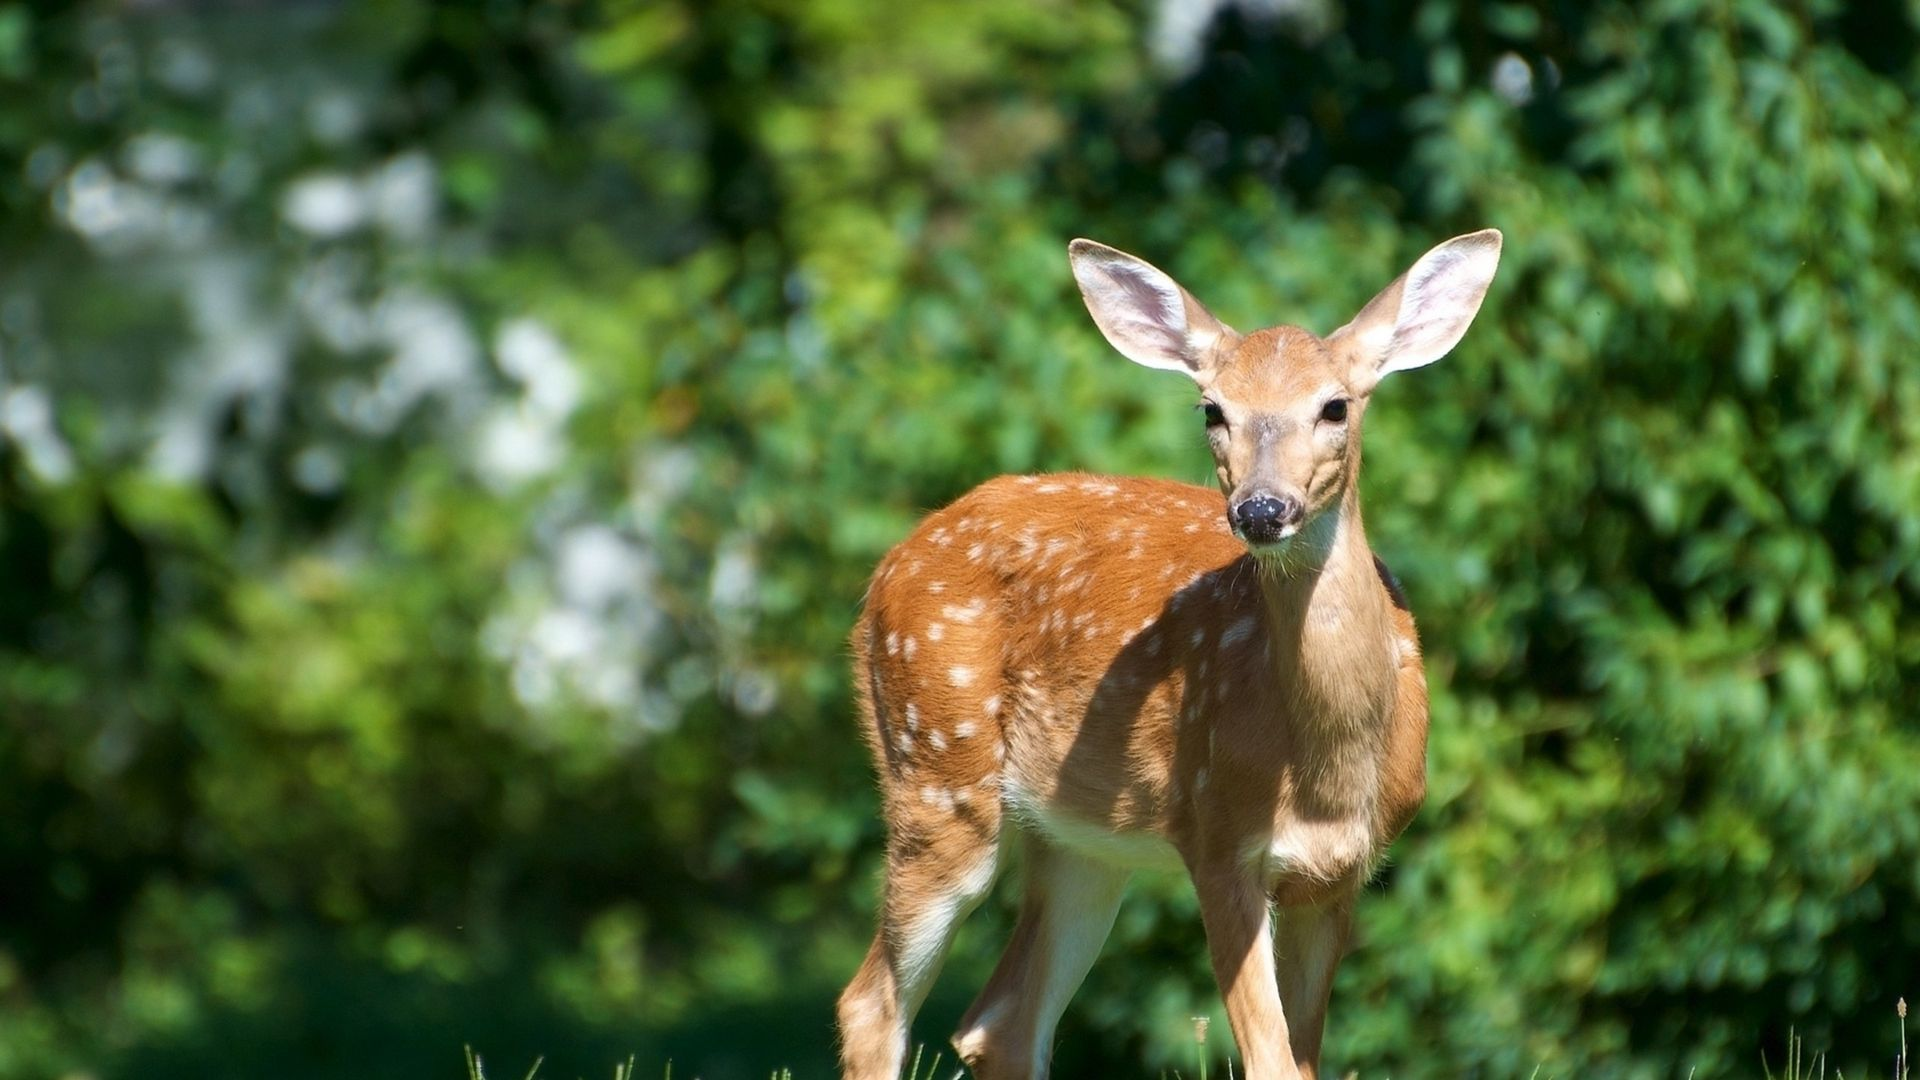 Deer Free Download Wallpaper